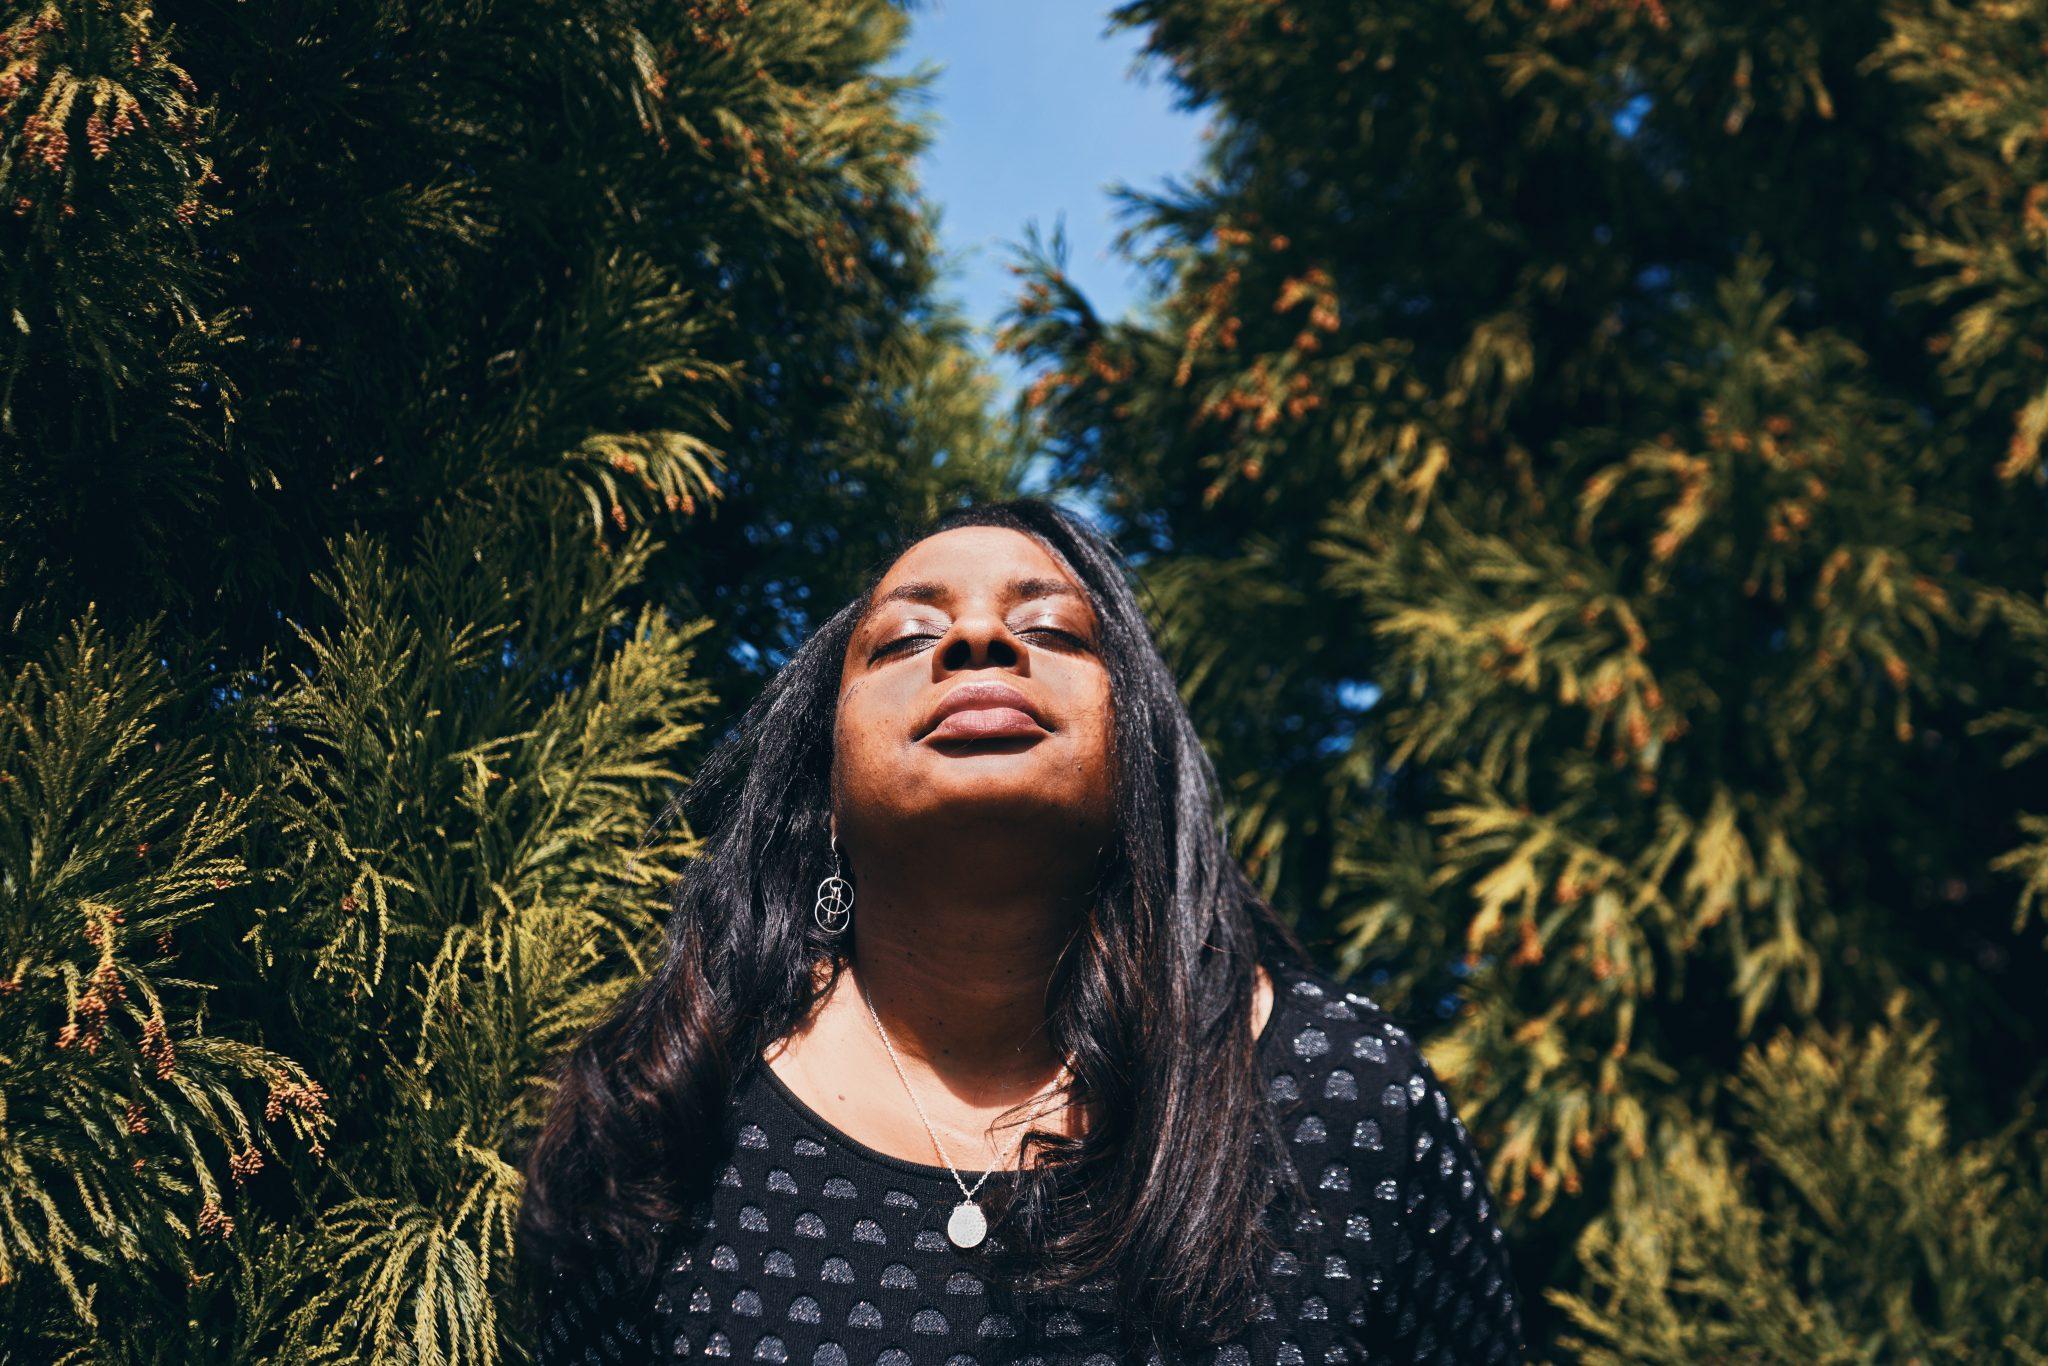 Mulher negra com os olhos fechados e cabeça levantada em meio a bosque.